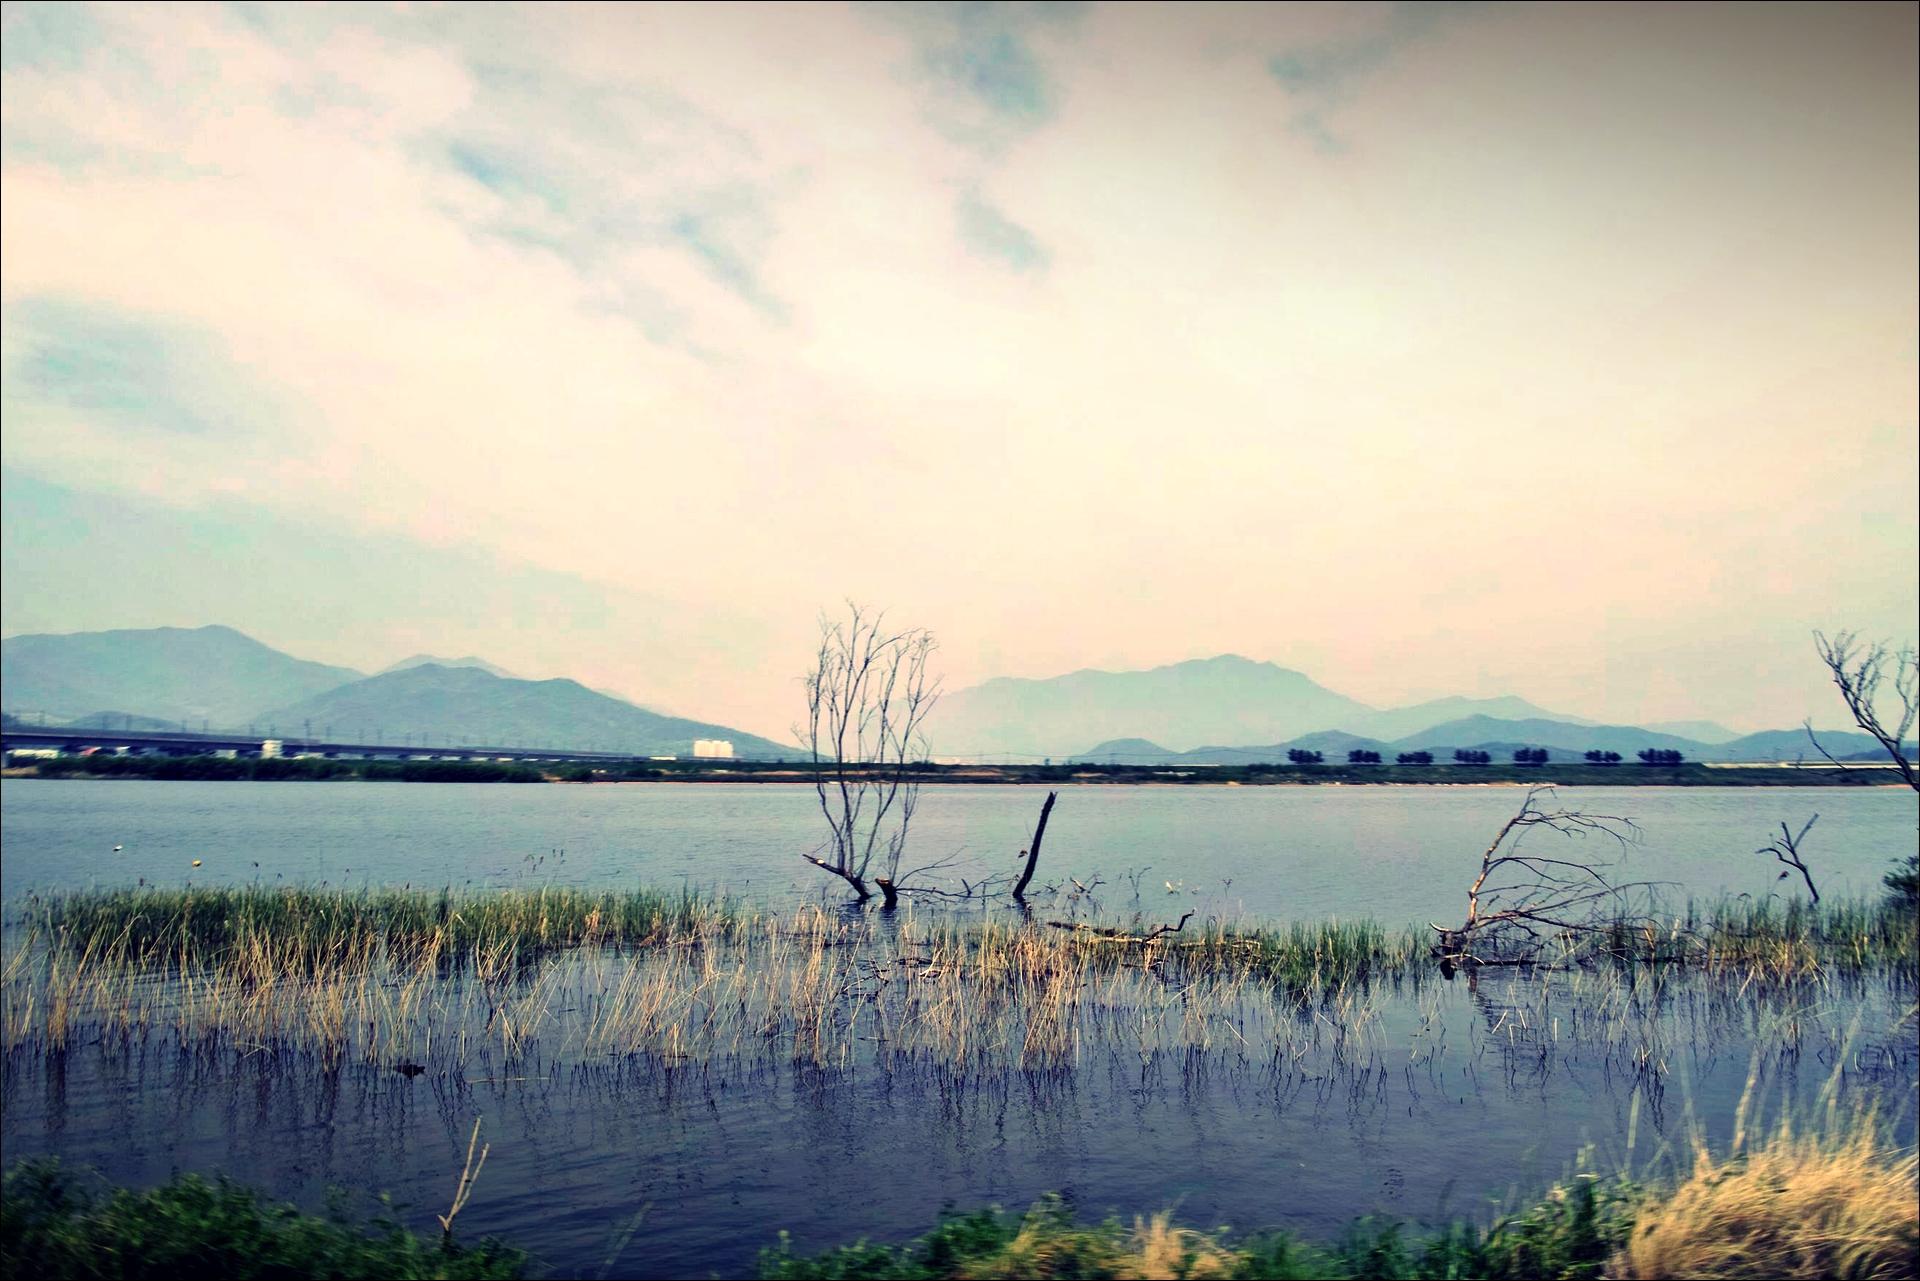 나무의 죽음-'낙동강 자전거 종주여행'